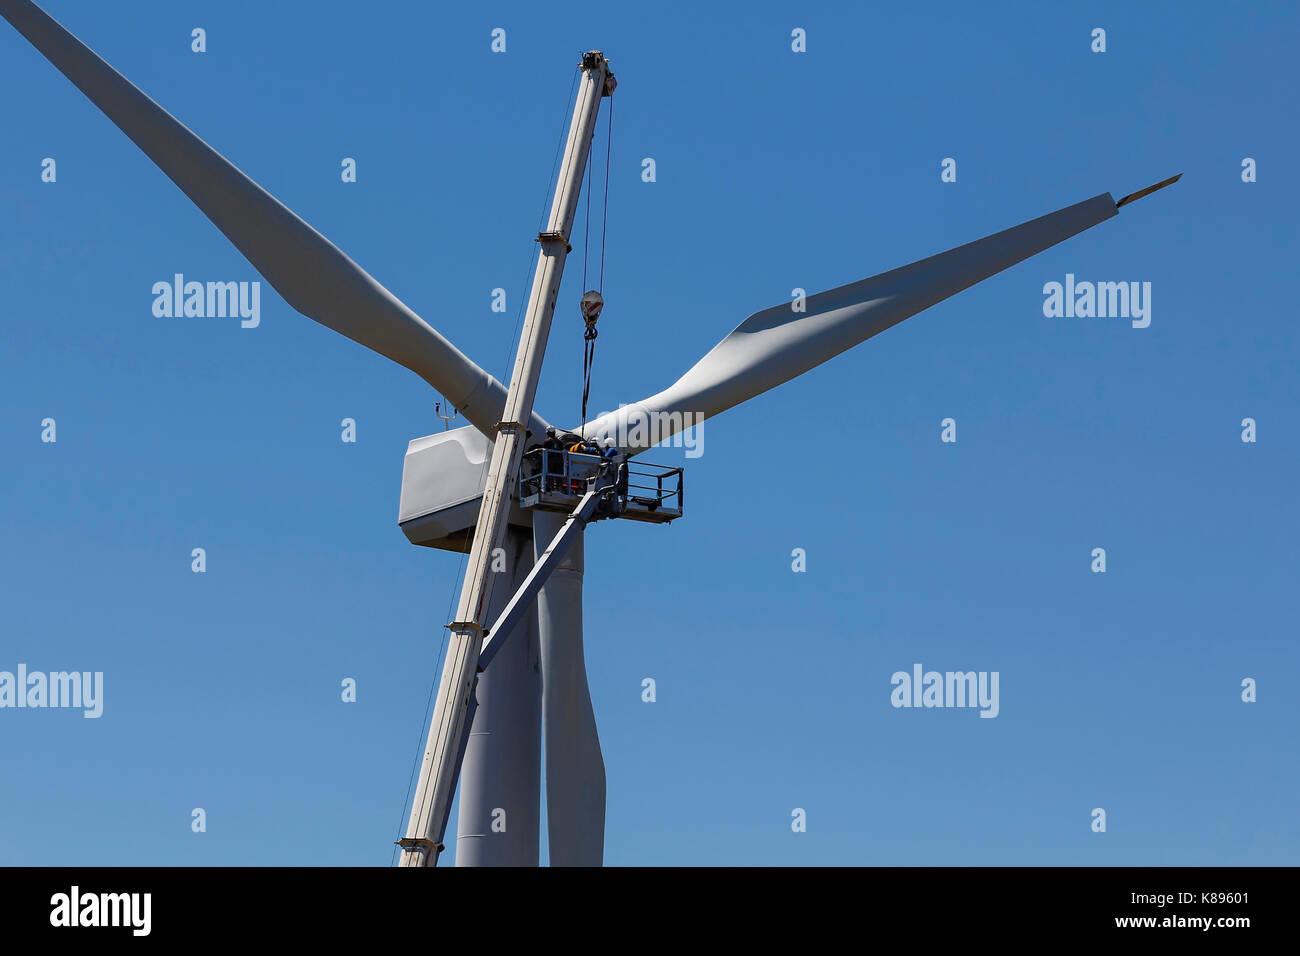 Windenergieanlagen Wartung, mechanische Wiedergutmachung für die Stromerzeugung Stockbild